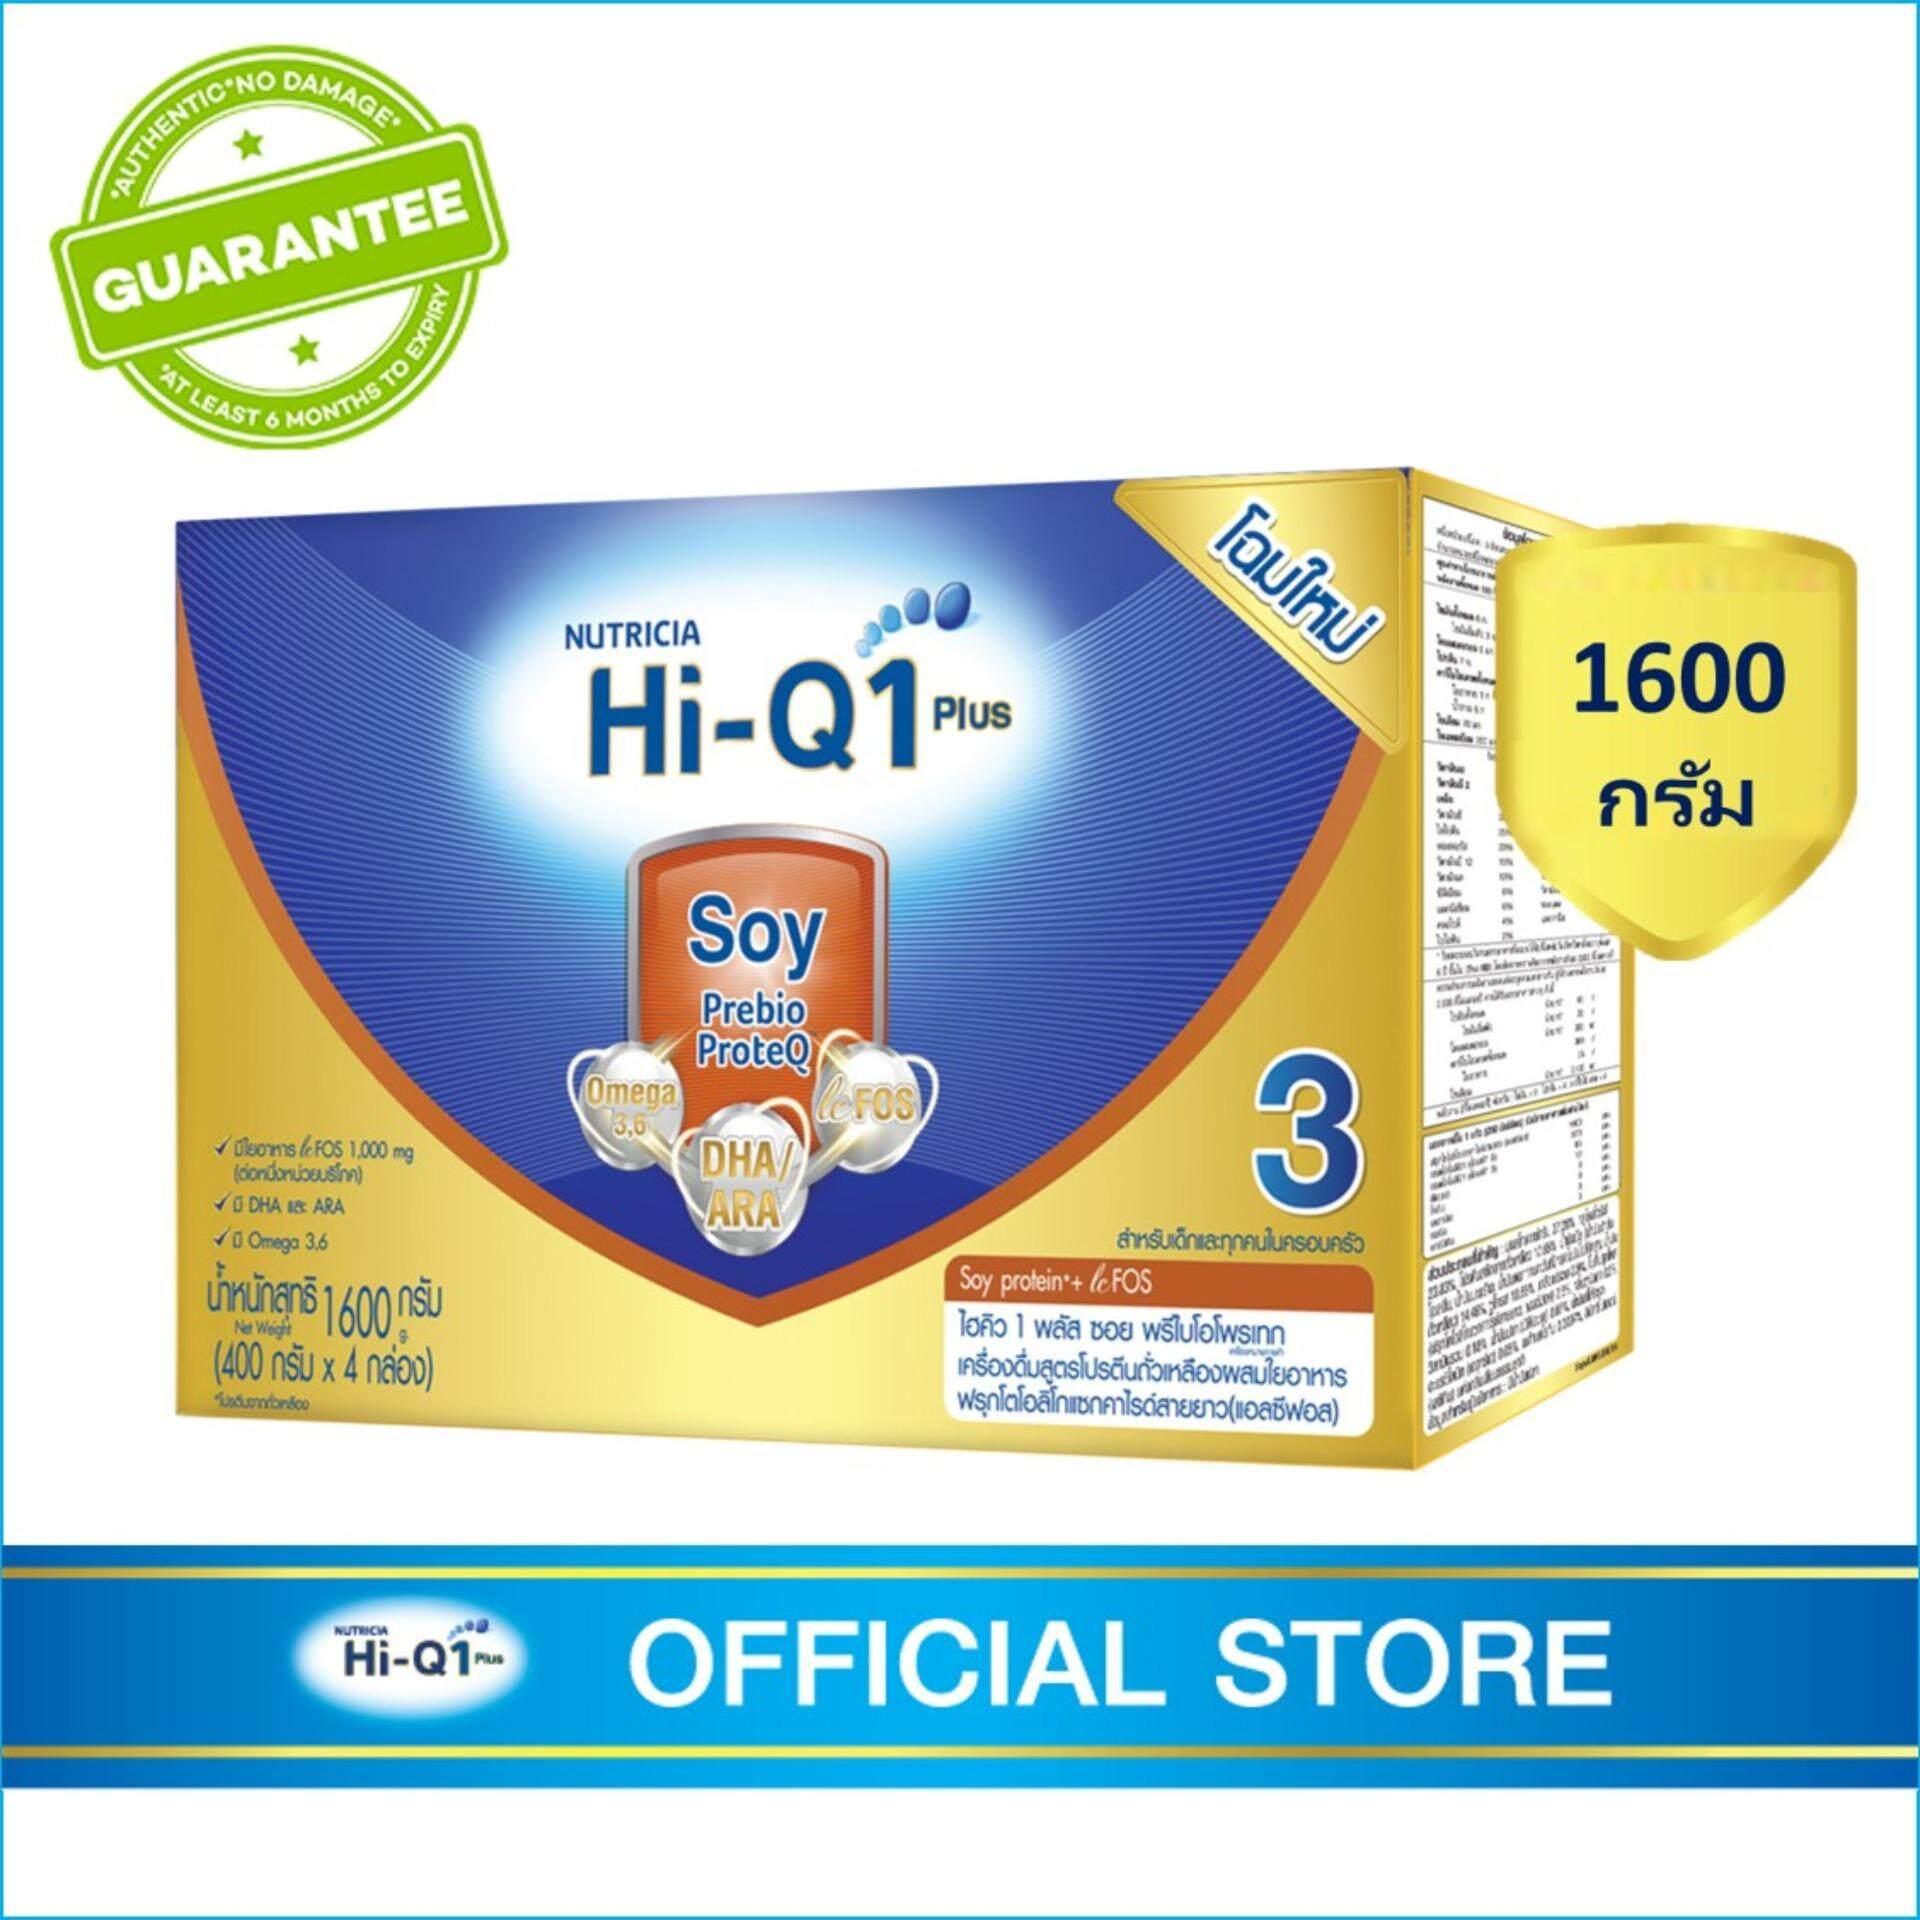 นมผง Hi-Q Soy ไฮคิว 1 พลัส ซอย พรีไบโอโพรเทก 1600 กรัม (นมสูตรเฉพาะ ช่วงวัยที่ 3)